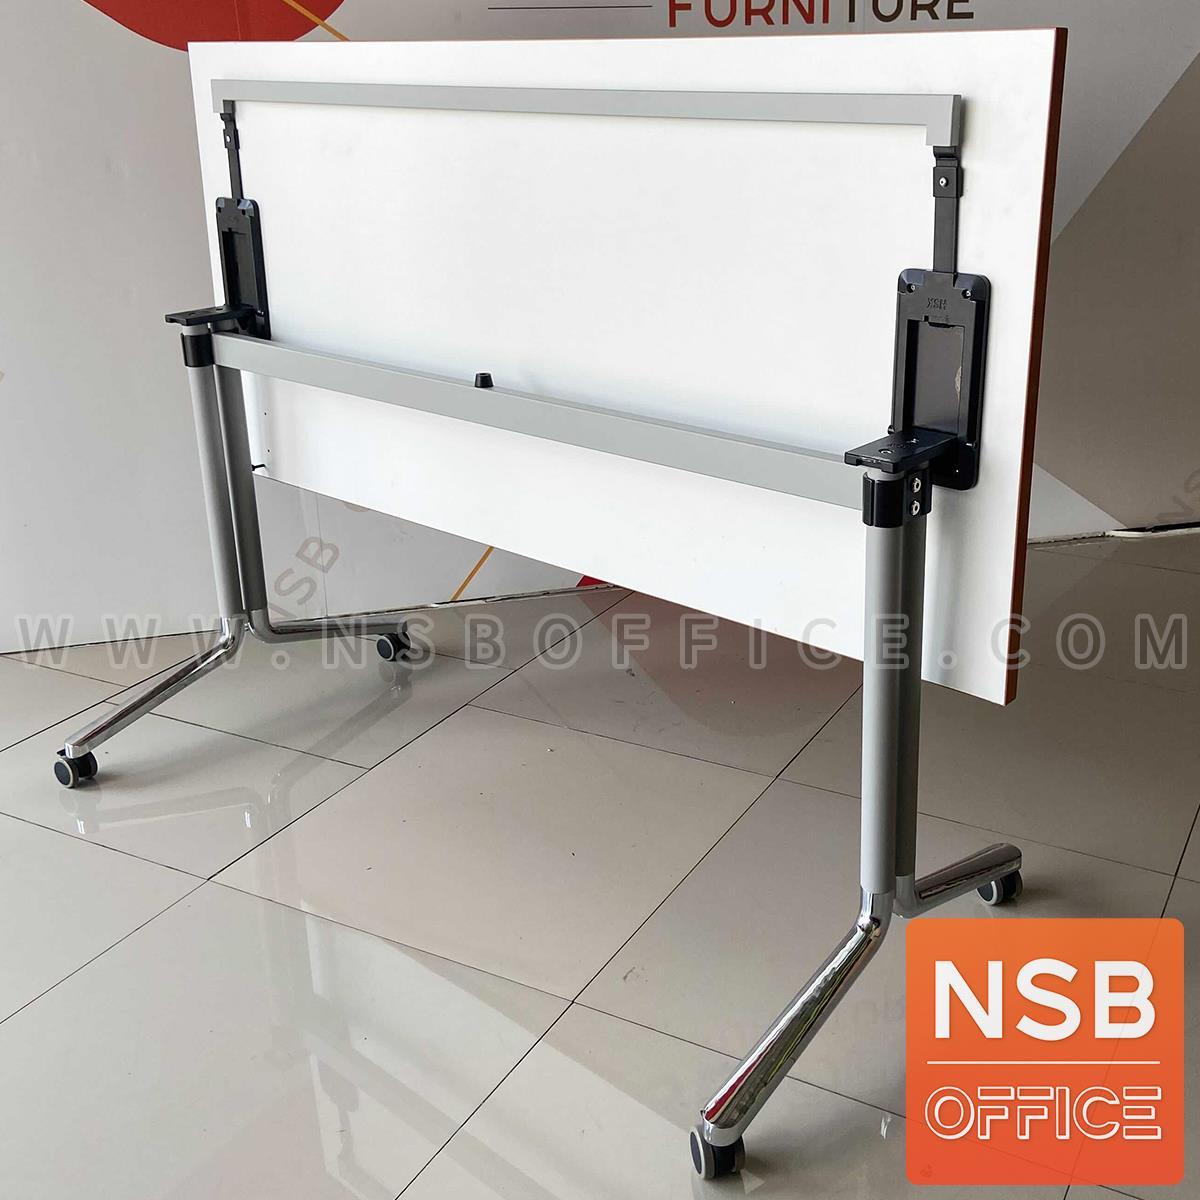 โต๊ะประชุมพับเก็บได้ล้อเลื่อน รุ่น MN-1570 ขนาด 150W ,180W cm. ขาเหล็ก